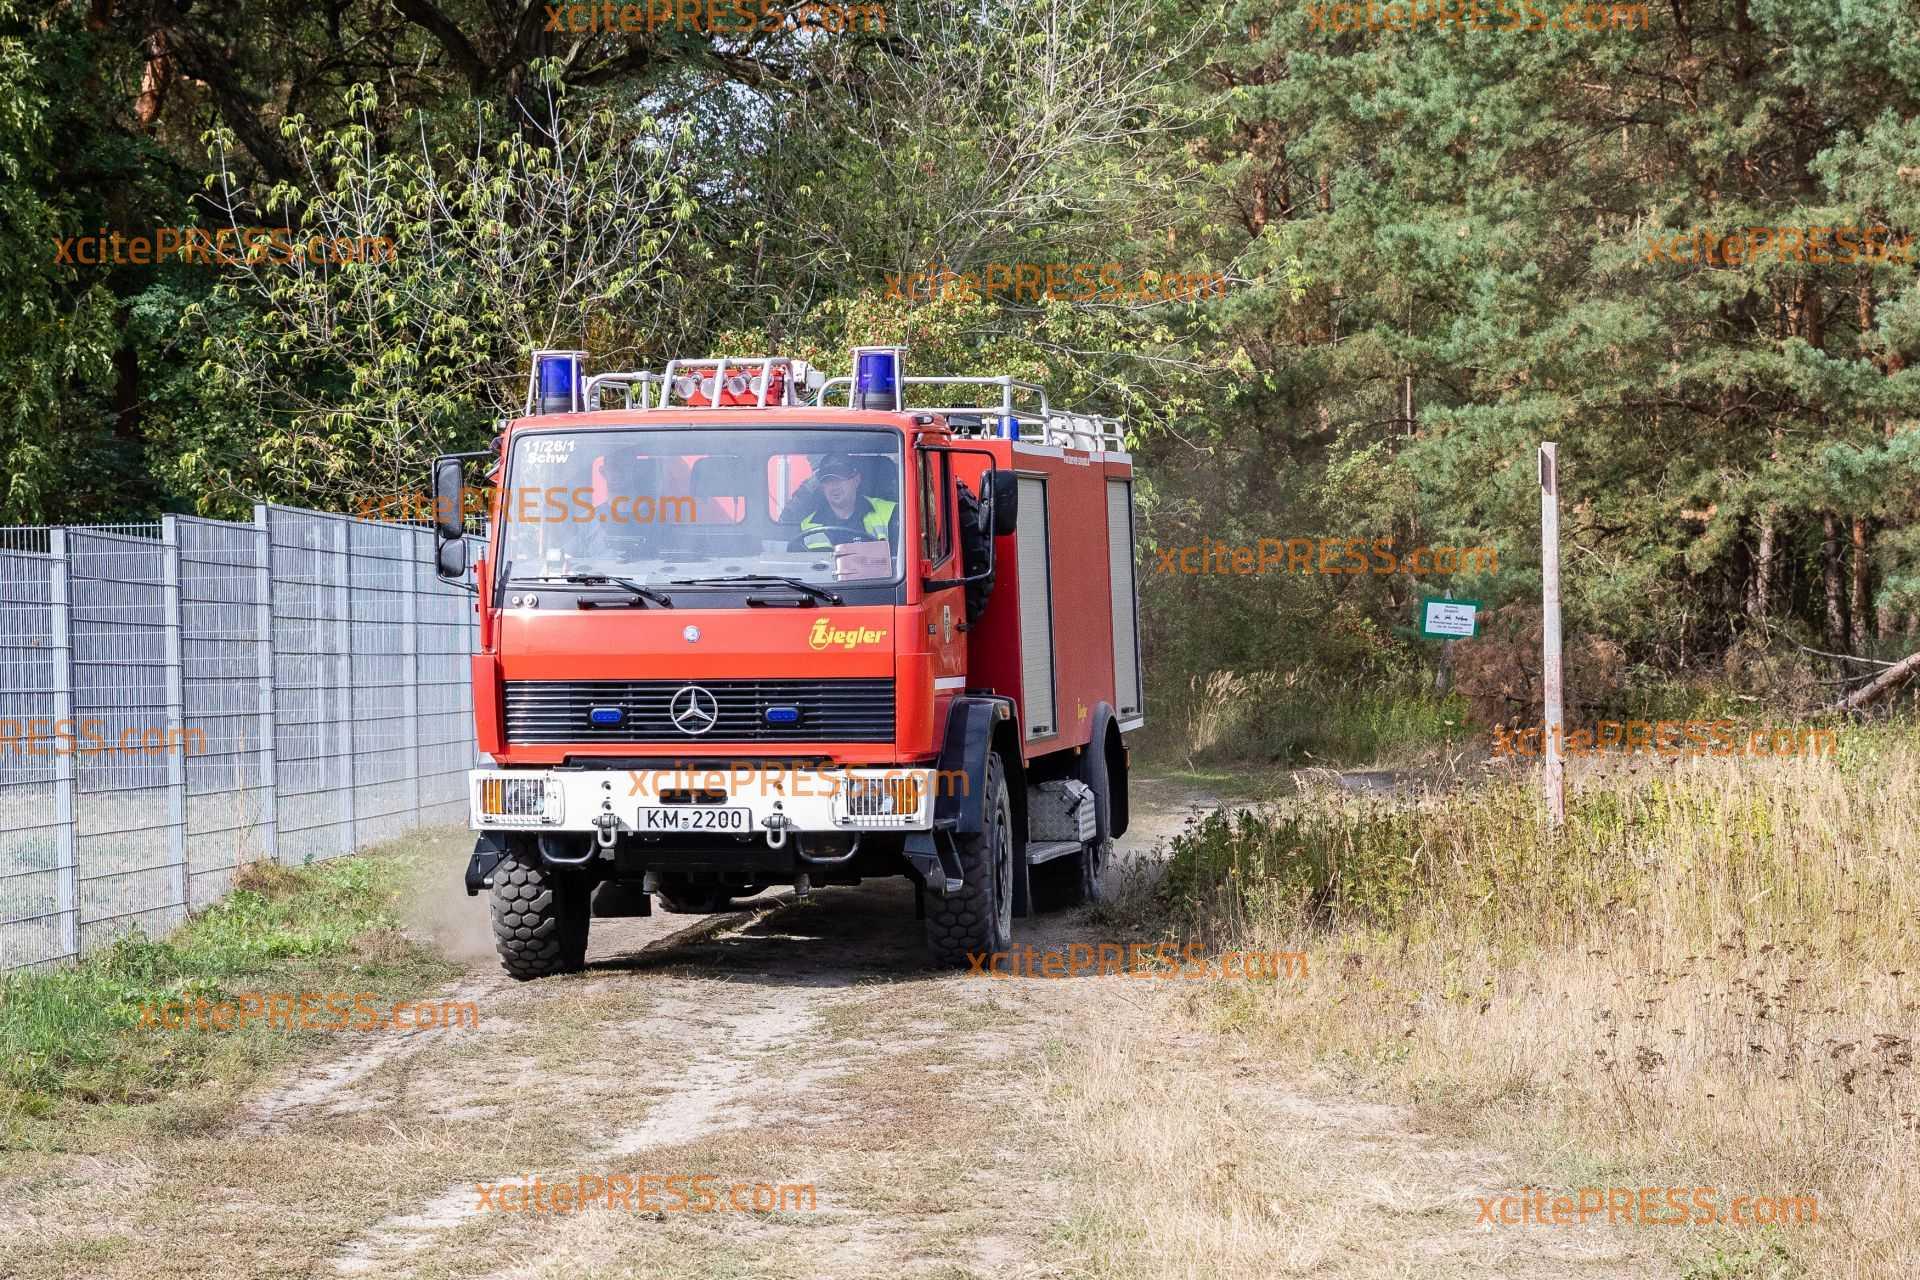 Waldbrand bei Schwepnitz beschäftigt die Feuerwehr noch immer: Bis zu 250 Hektar Wald vom Brand betroffen